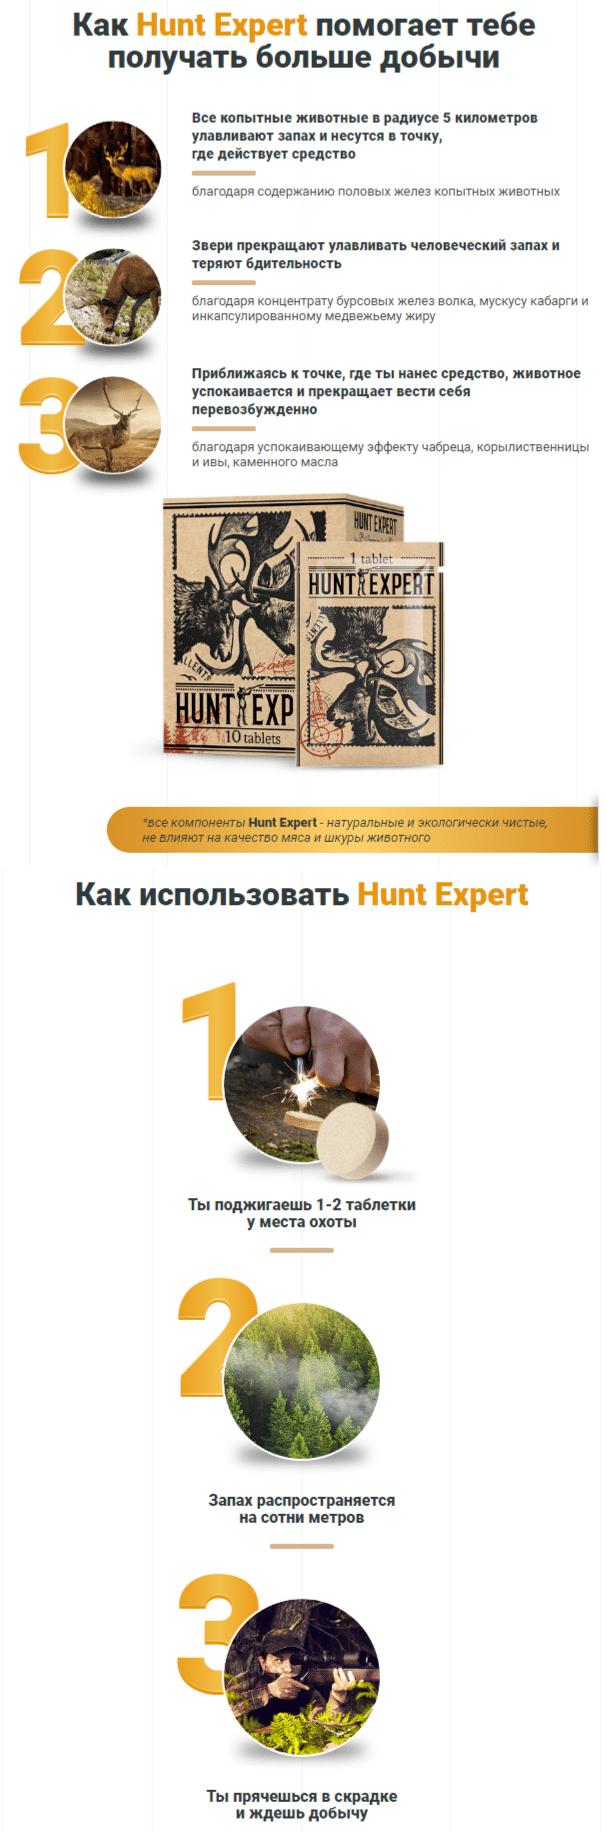 Hunt Expert приманка для копытных животных купить